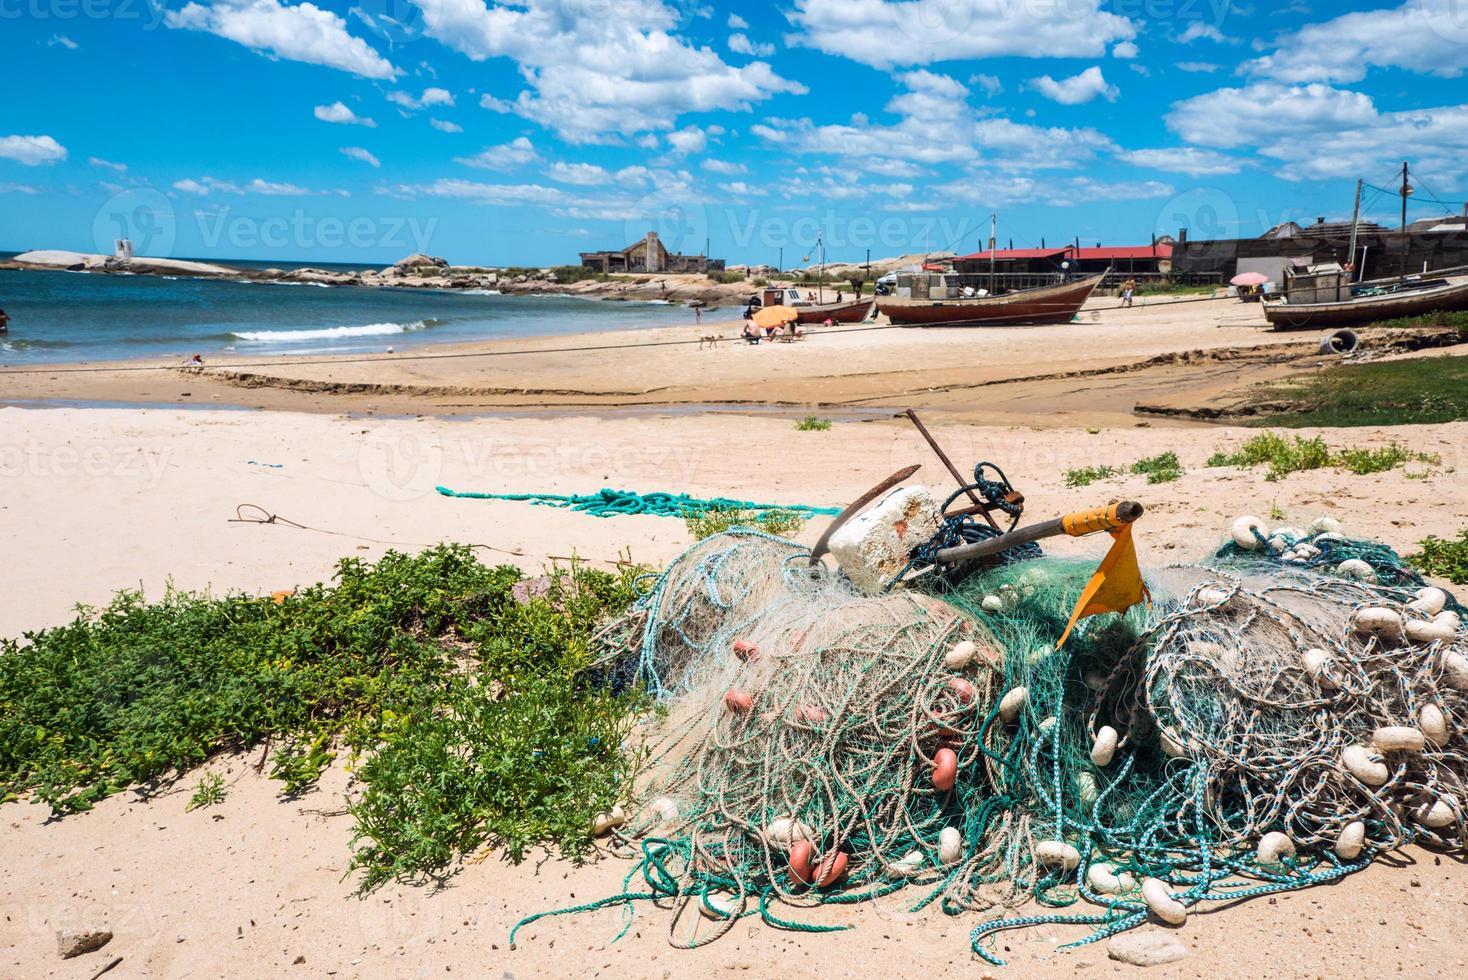 playa punta del diablo, costa uruguay foto